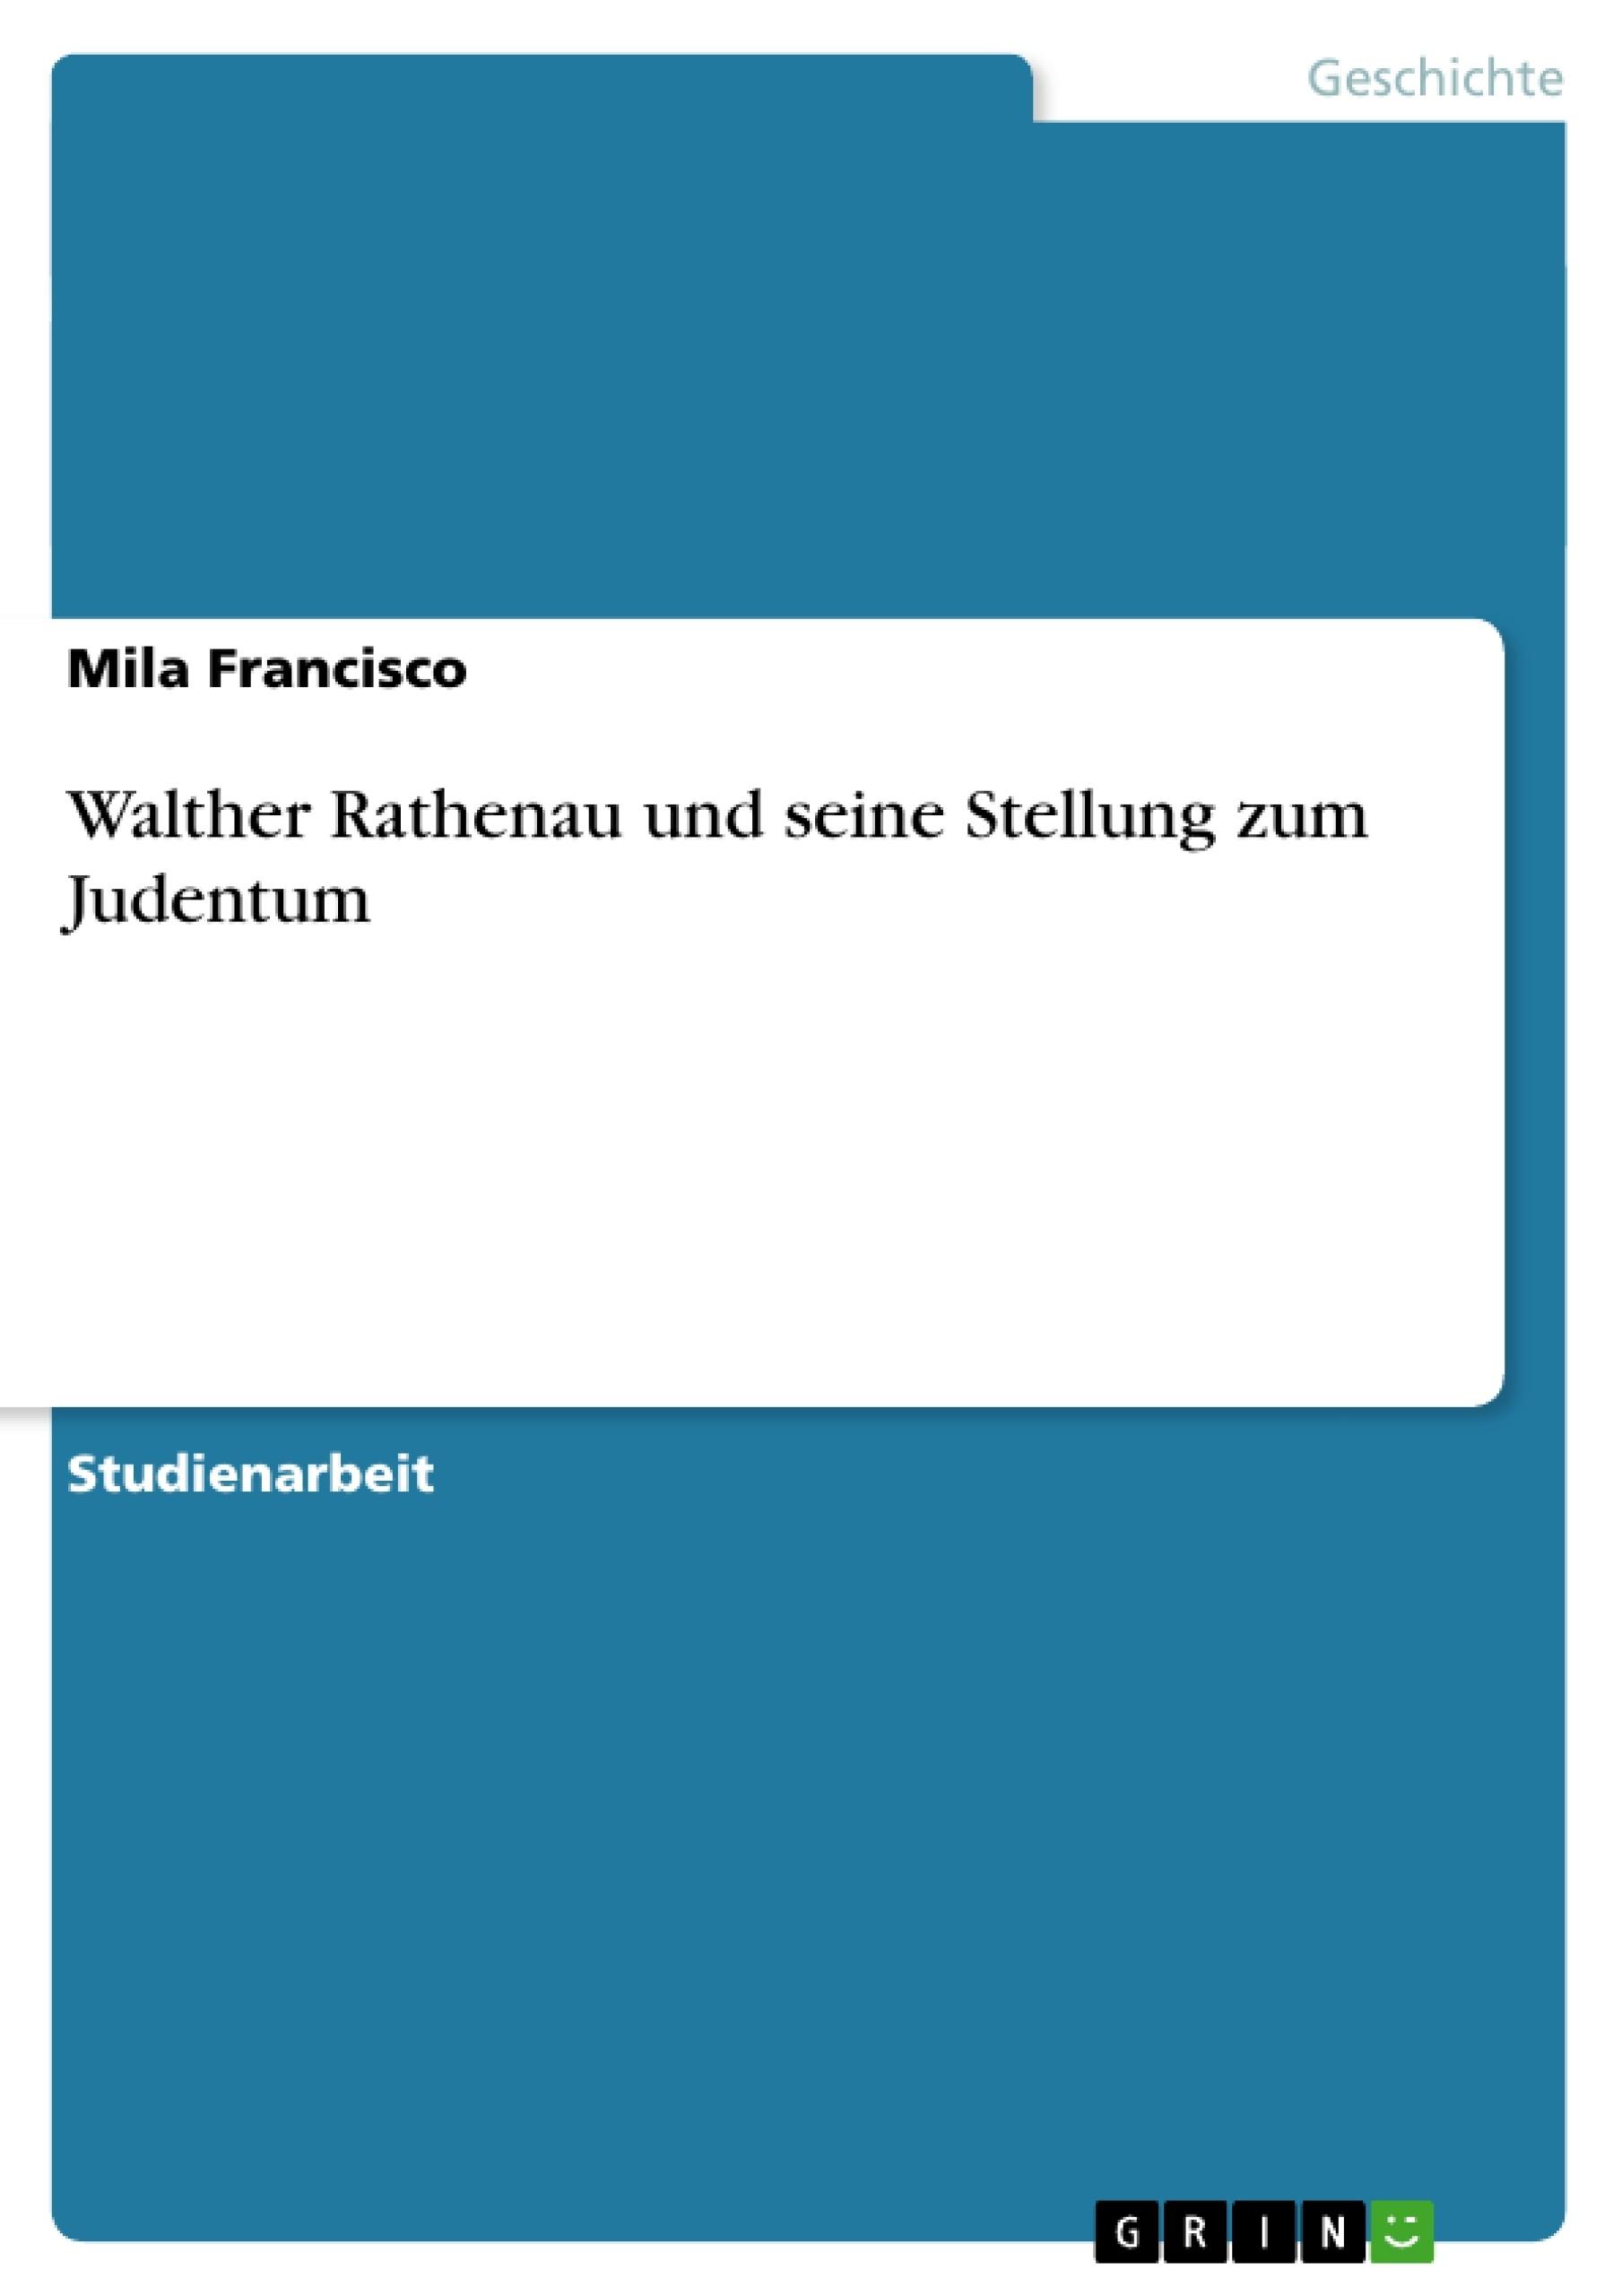 Titel: Walther Rathenau und seine Stellung zum Judentum